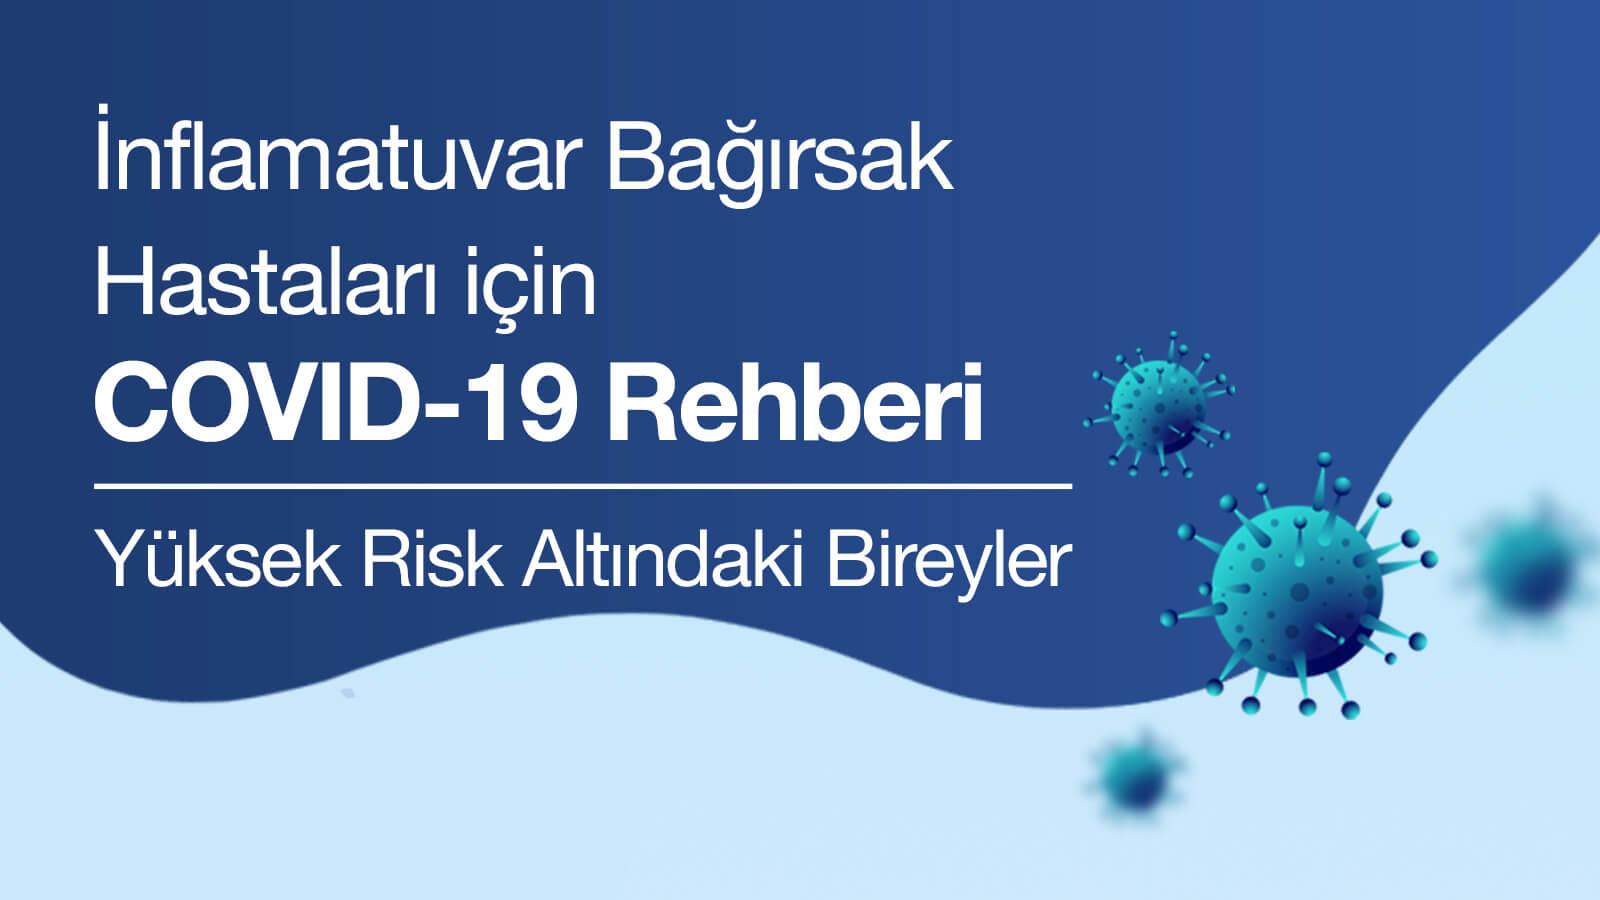 İnflamatuvar Bağırsak Hastaları için COVID-19 Rehberi